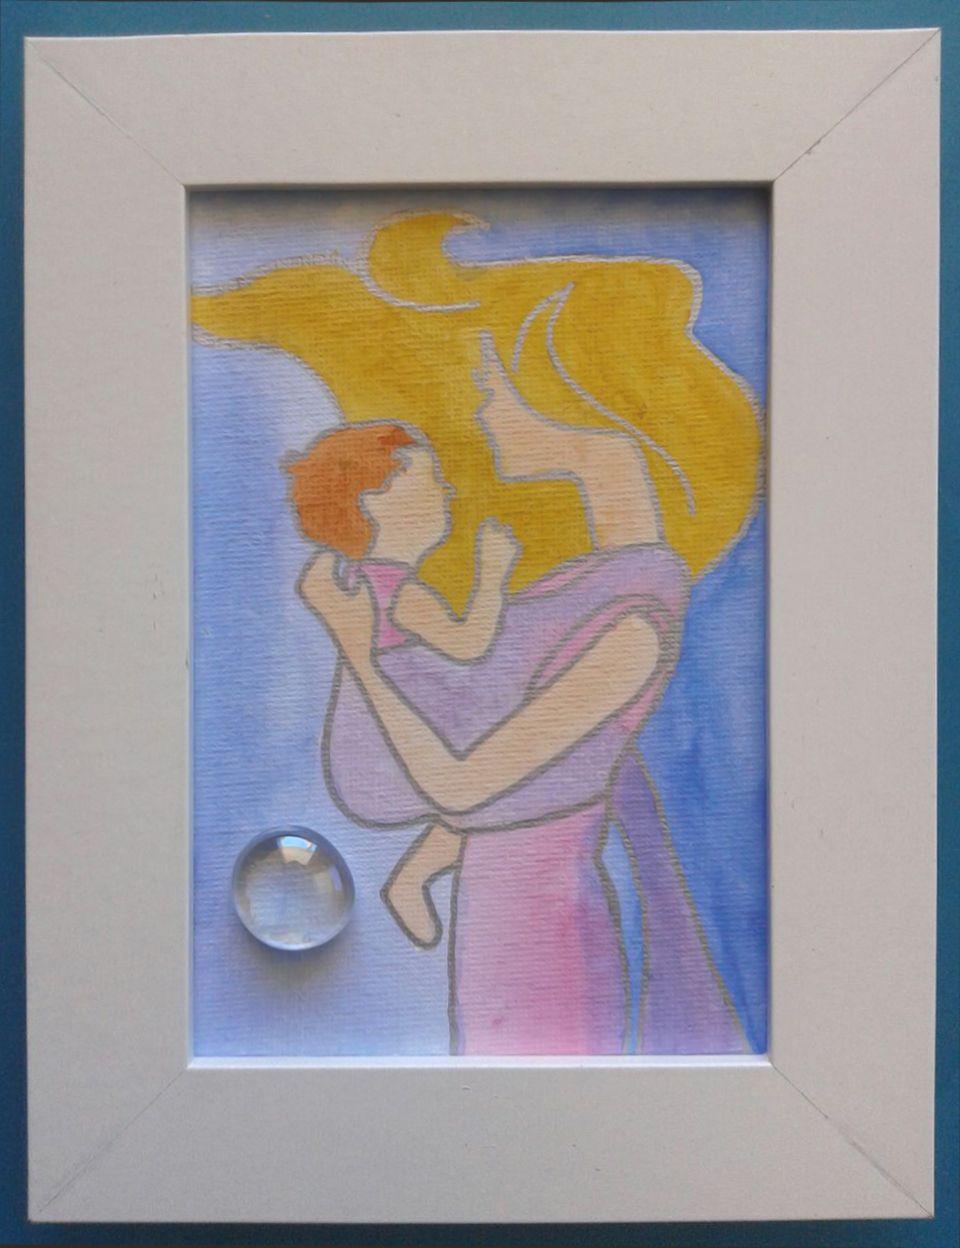 003 Acrilico su cartoncino intelato, decorato con sassolino di vetro; cm 15 x 10 senza cornice; cm 18,5 x 13,5 con cornice https://www.ebay.it/usr/camerapicta